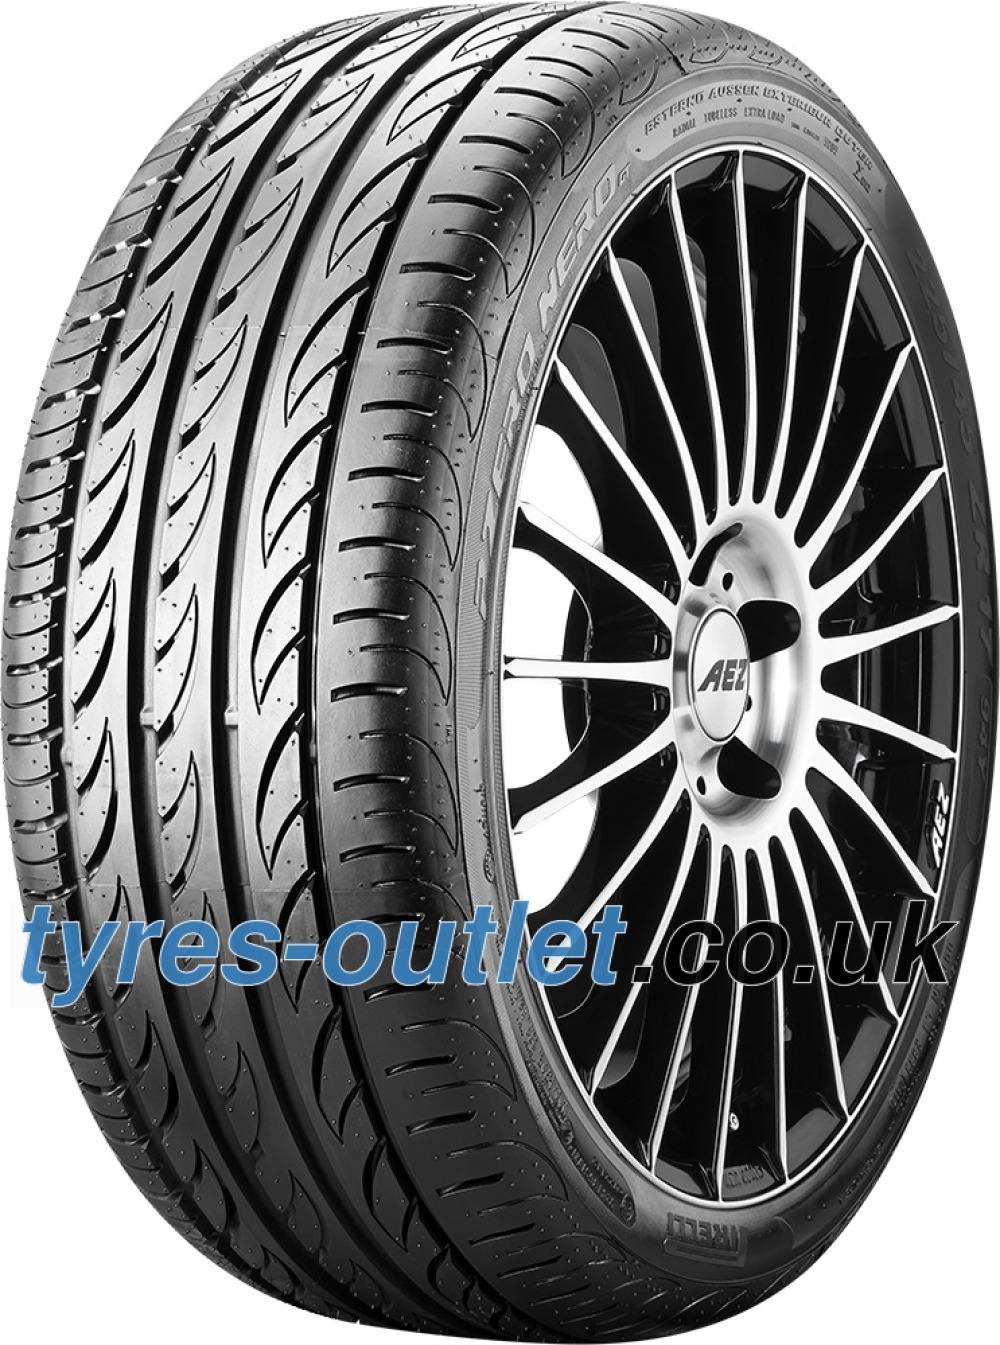 Pirelli P Zero Nero GT ( 245/35 ZR19 (93Y) XL with rim protection (MFS) )